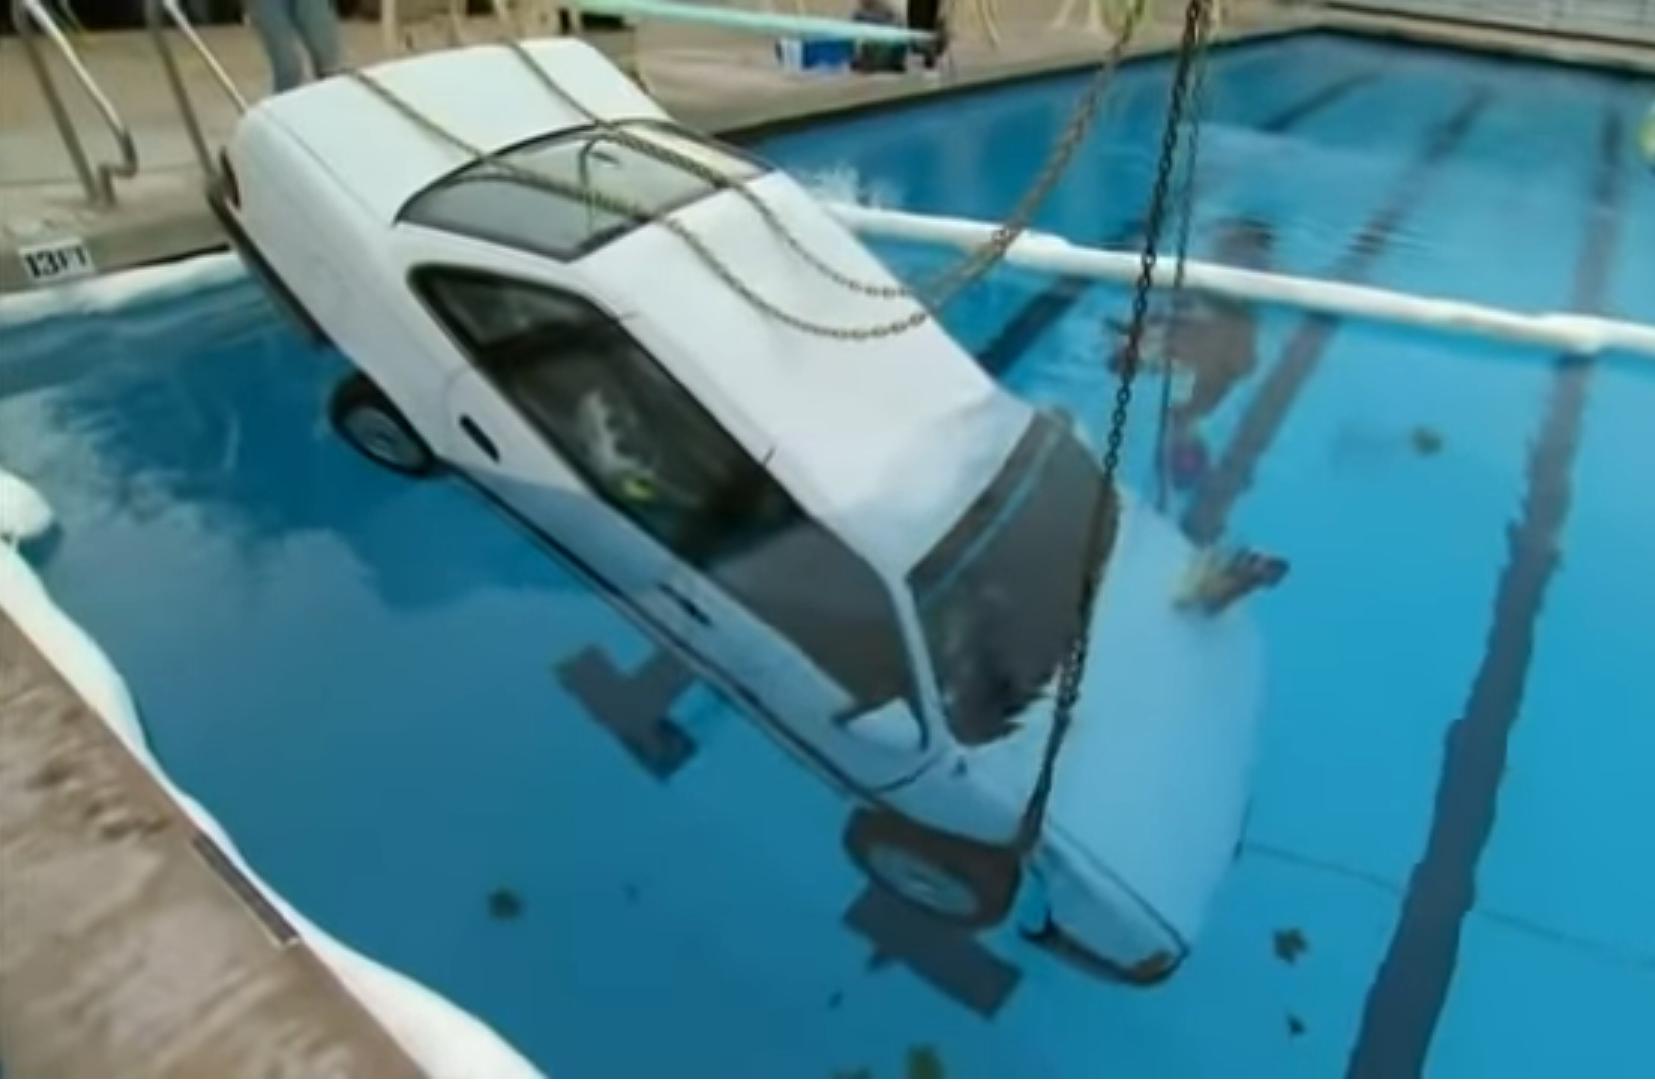 Pád s autom do vody – ako postupovať v takejto situácii?